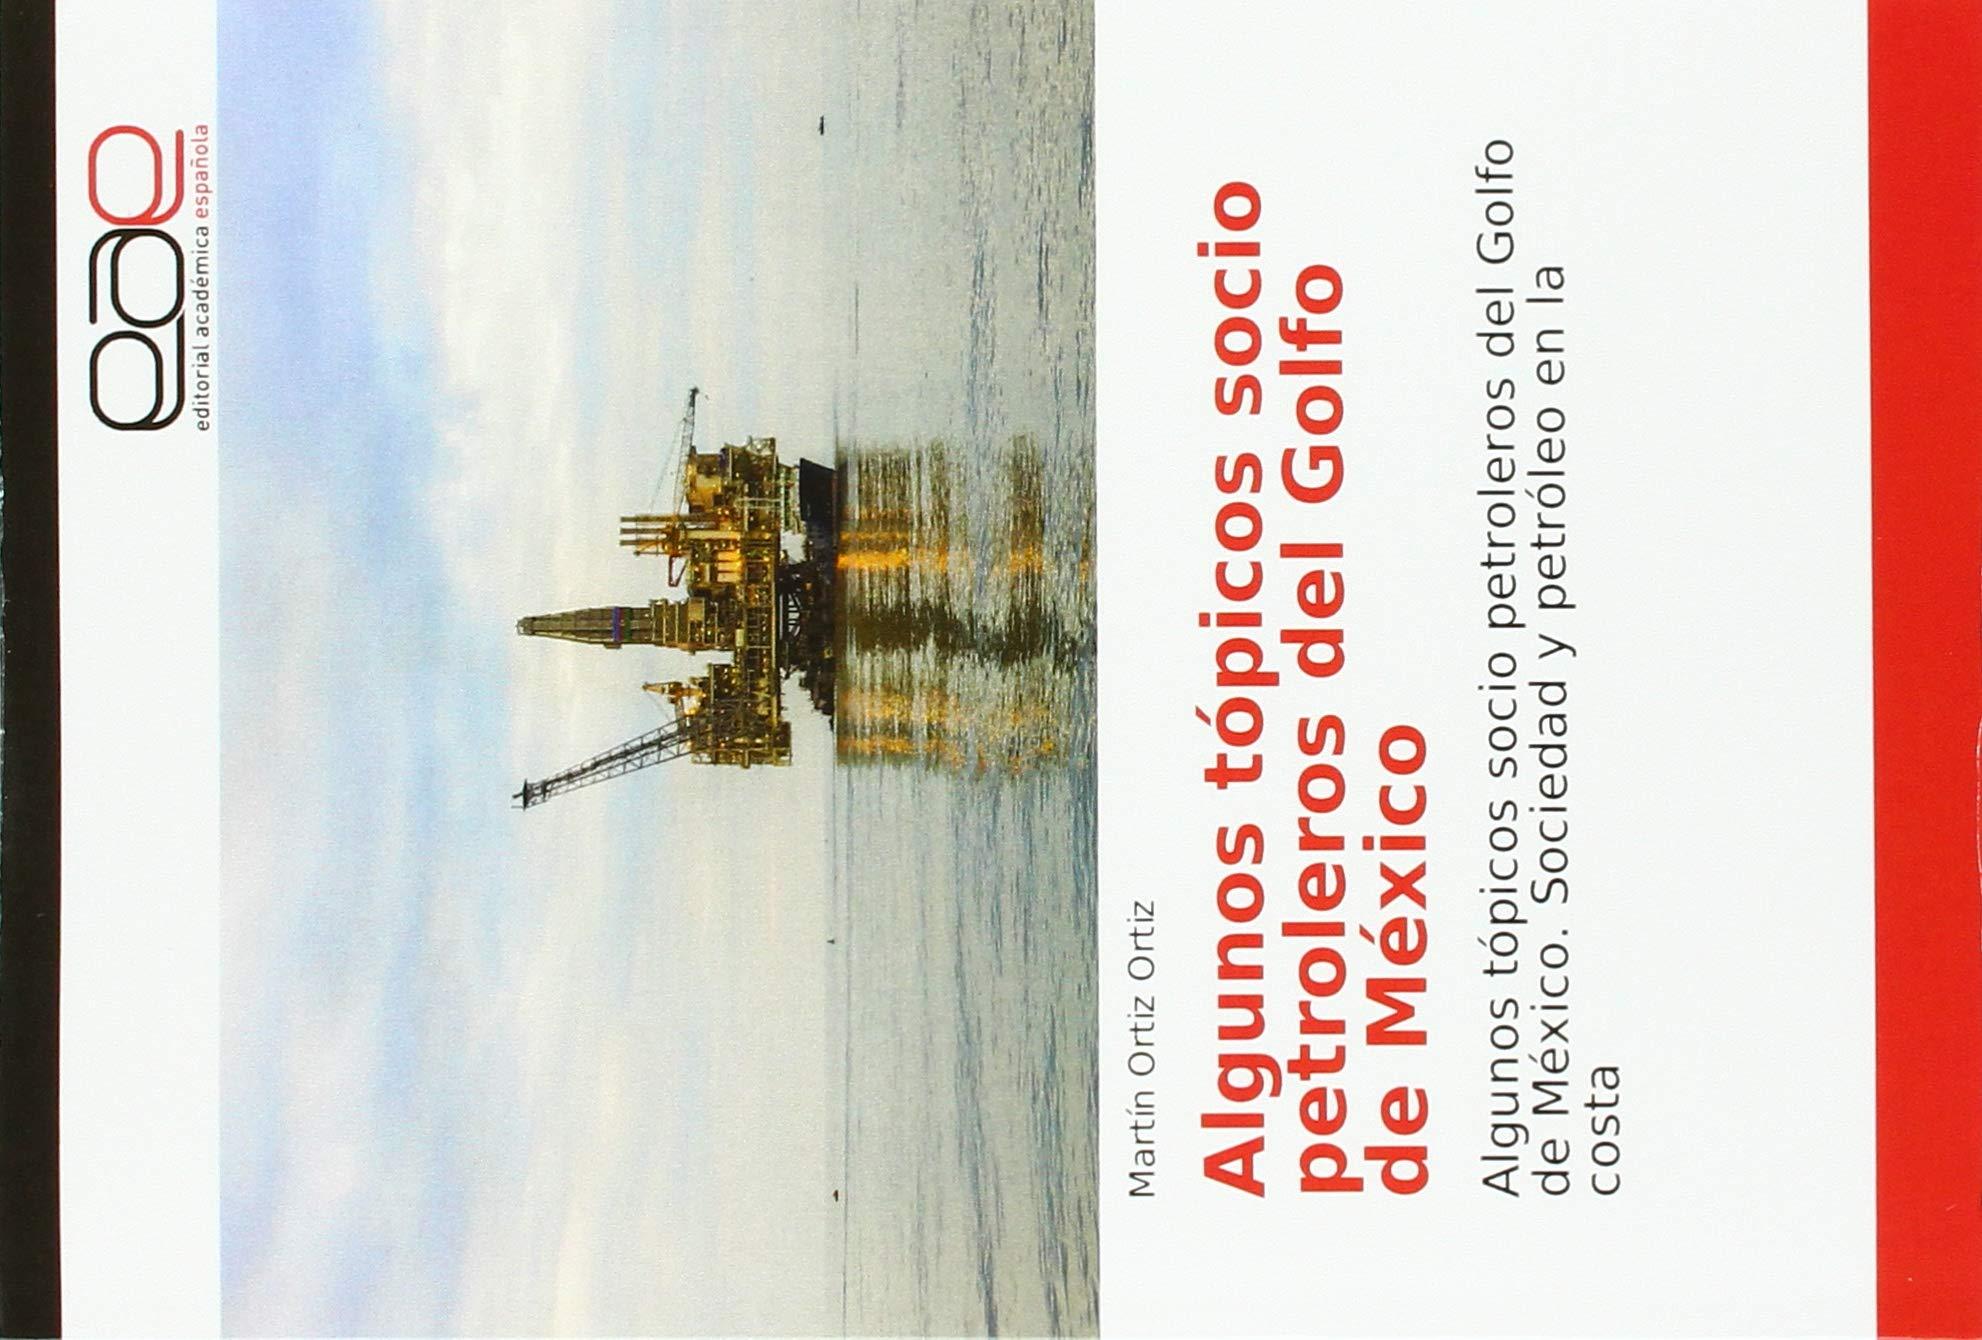 Algunos tópicos socio petroleros del Golfo de México: Algunos tópicos socio petroleros del Golfo de México. Sociedad y petróleo en la costa: Amazon.es: Ortiz Ortiz, Martín: Libros